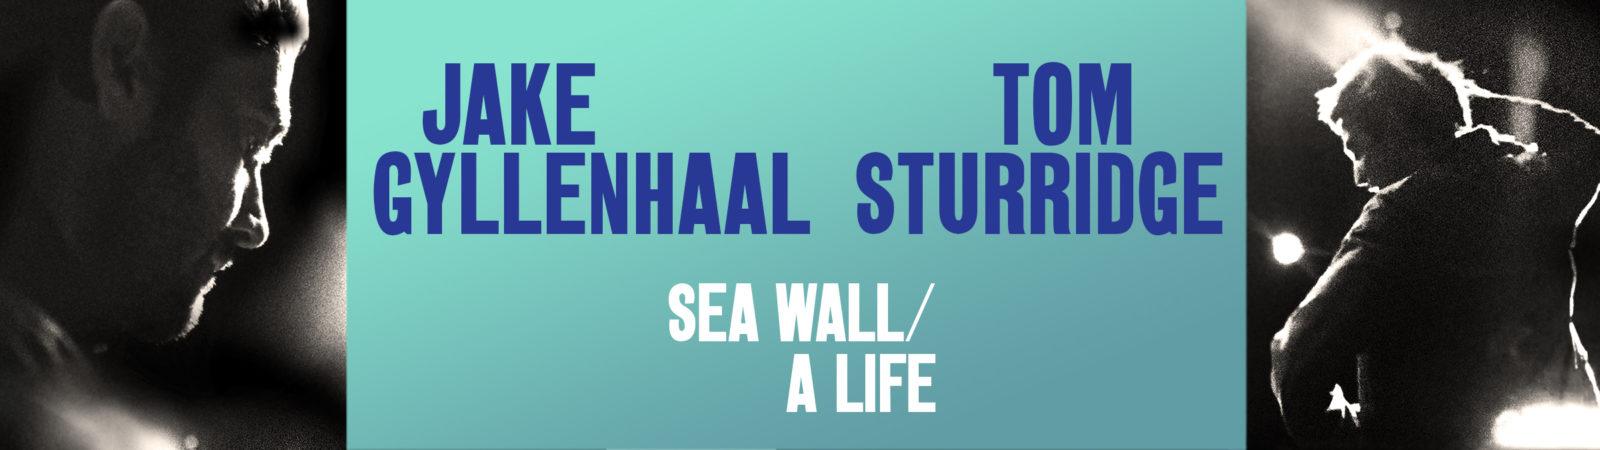 SEA WALL/A LIFE